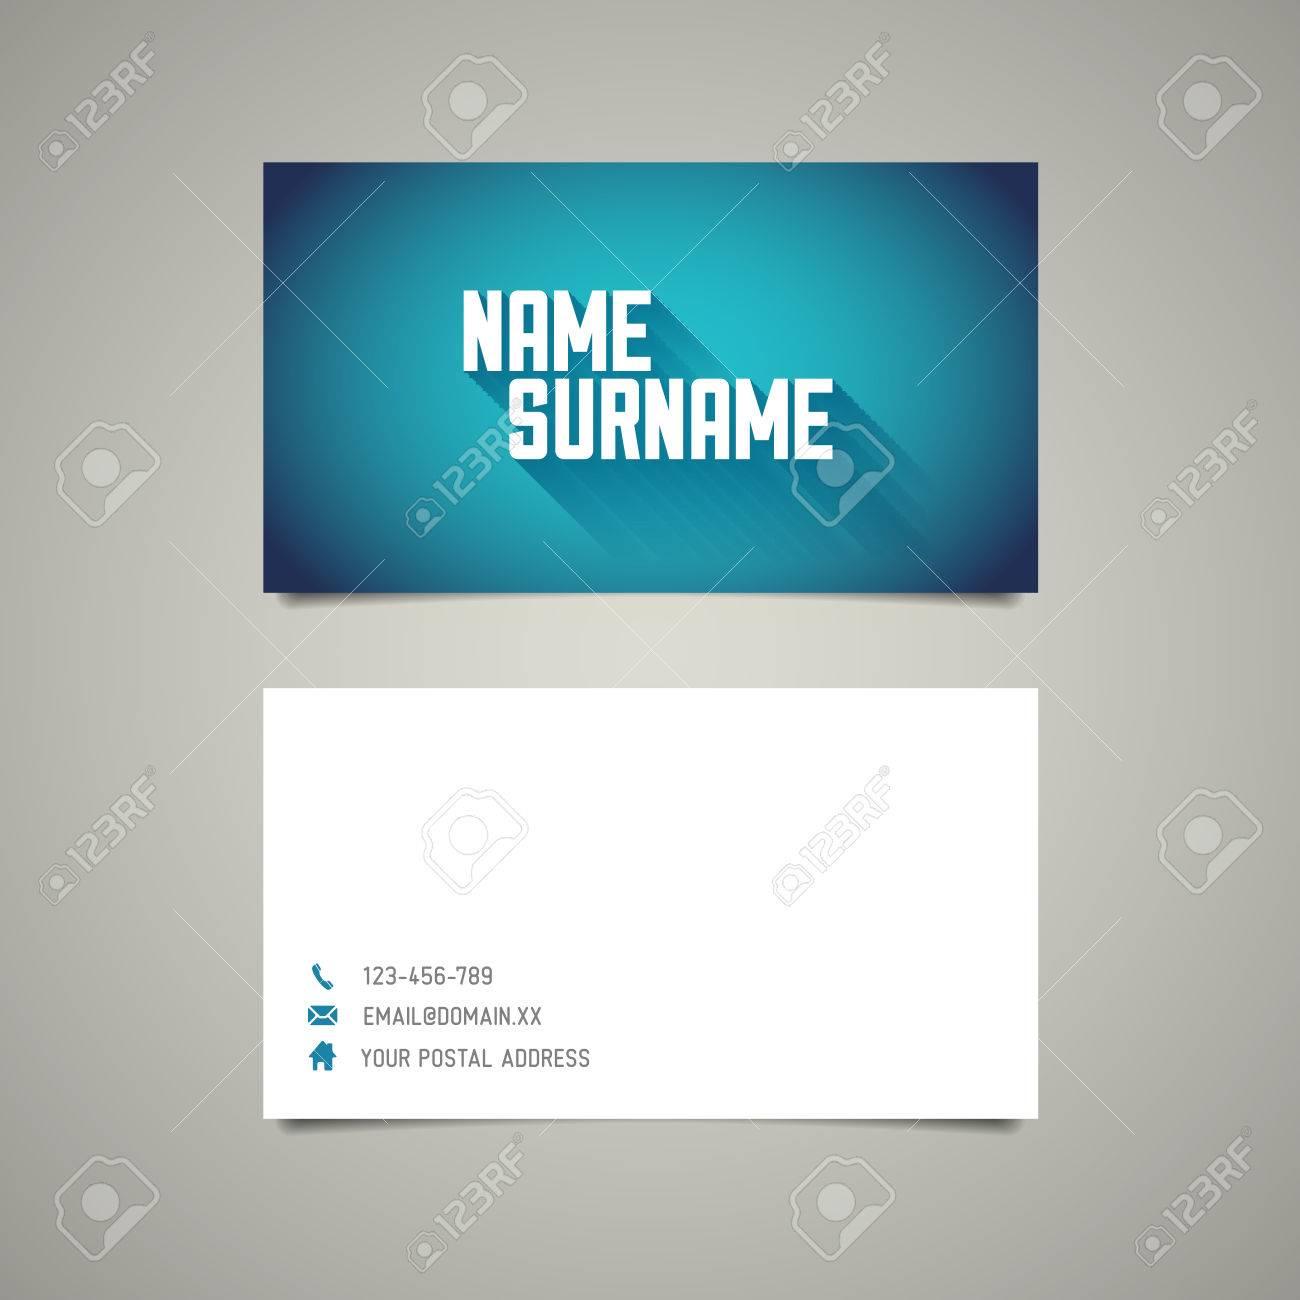 Moderne Modele De Carte Visite Simple Avec Les Grands Noms Du Nom